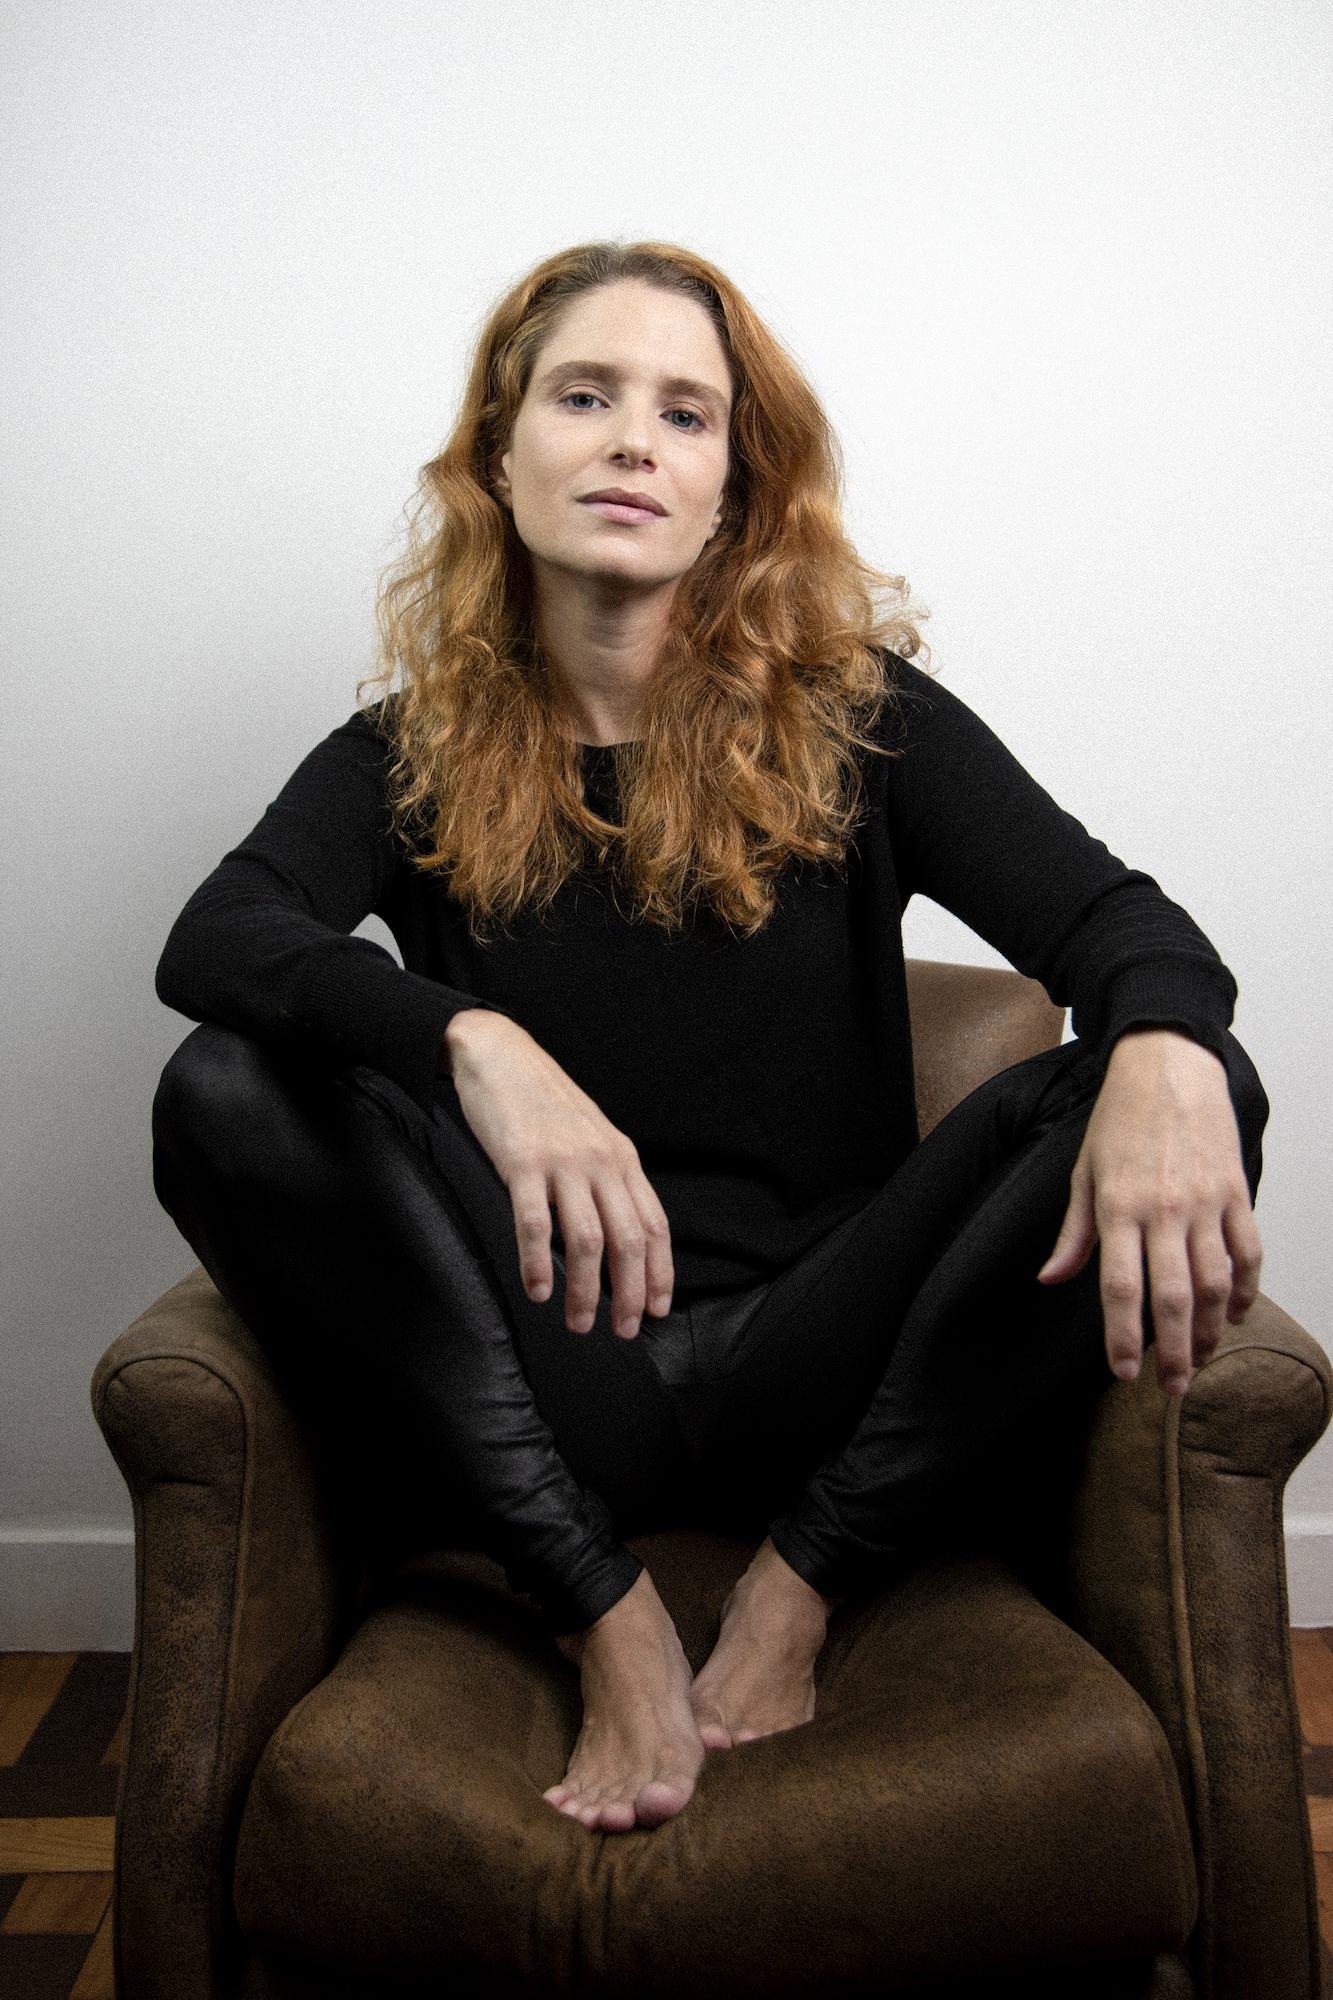 Atriz Julia Lund sentada numa poltrona, com os pés em cima do móvel